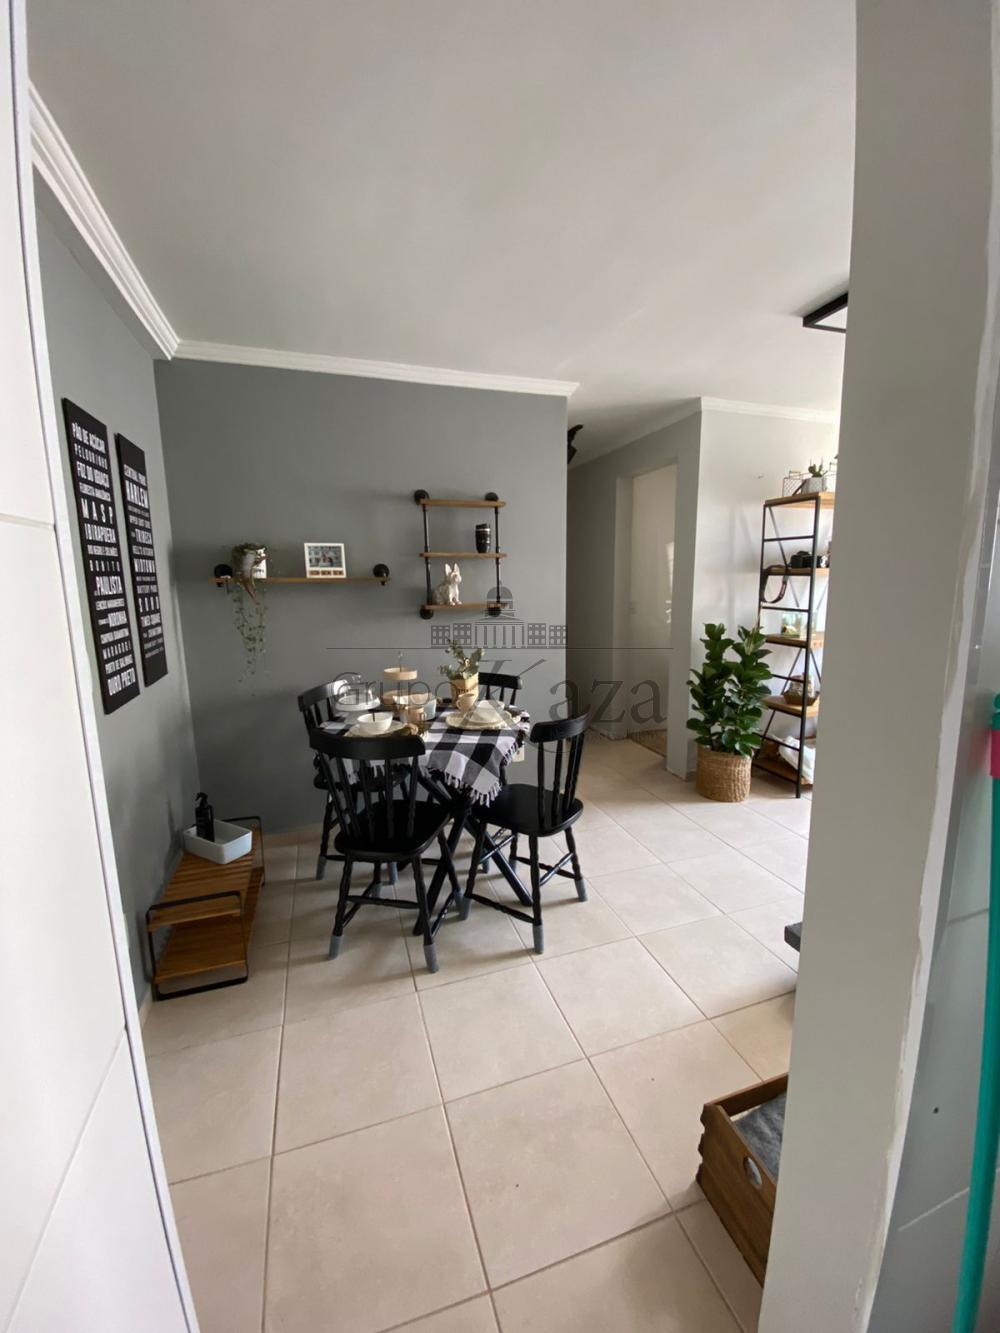 Sao Jose dos Campos Apartamento Venda R$450.000,00 Condominio R$450,00 2 Dormitorios 1 Suite Area construida 108.00m2